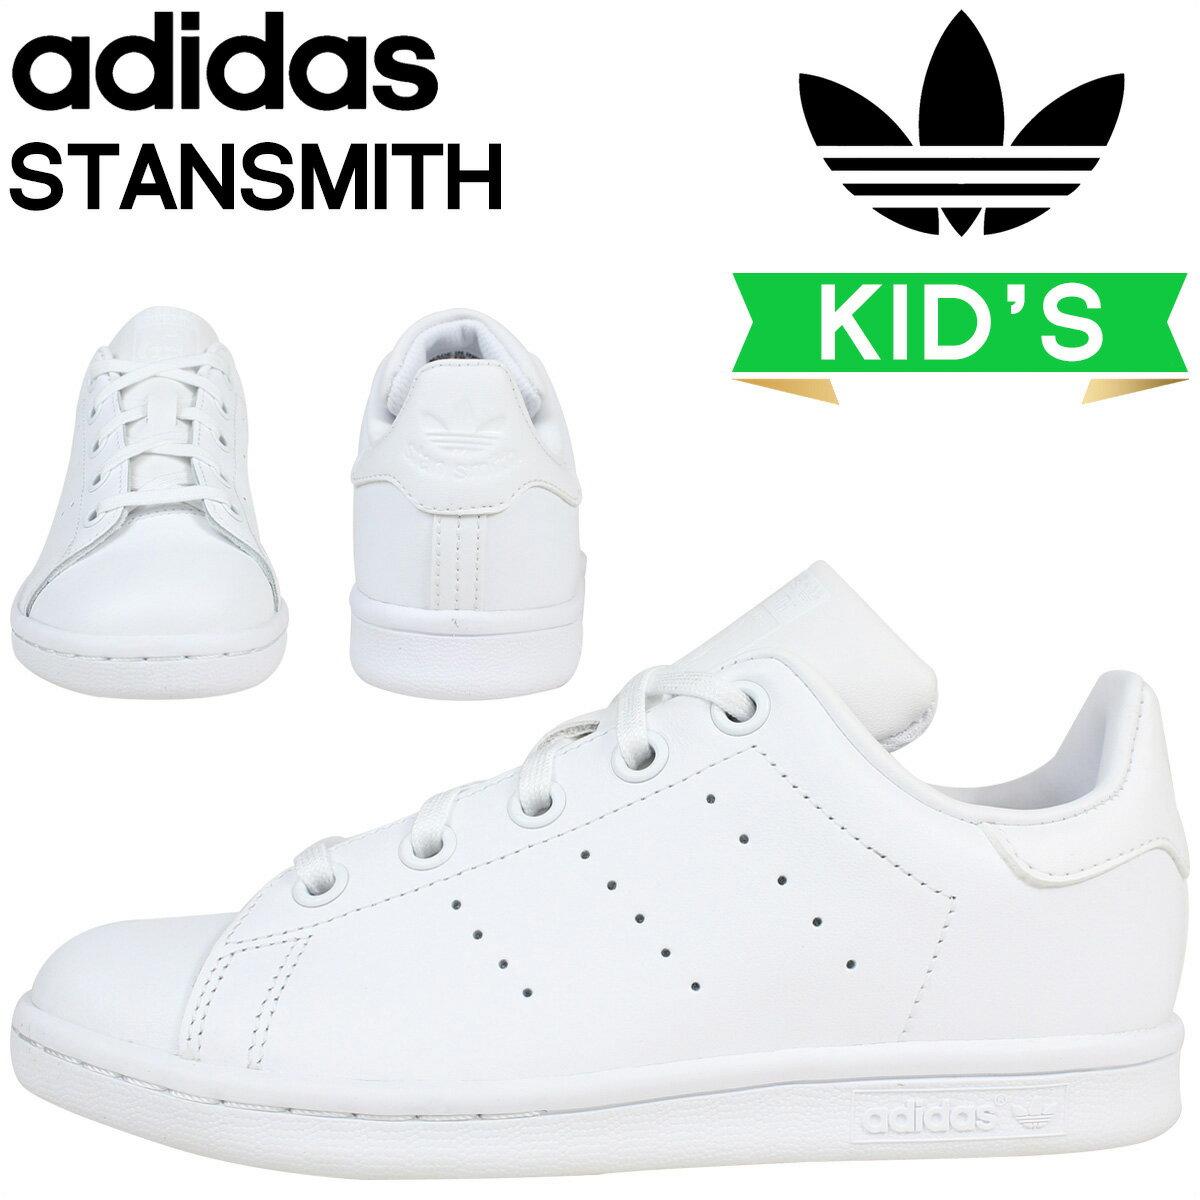 adidas アディダス スタンスミス スニーカー キッズ STAN SMITH EL C BA8388 靴 ホワイト 【決算セール】